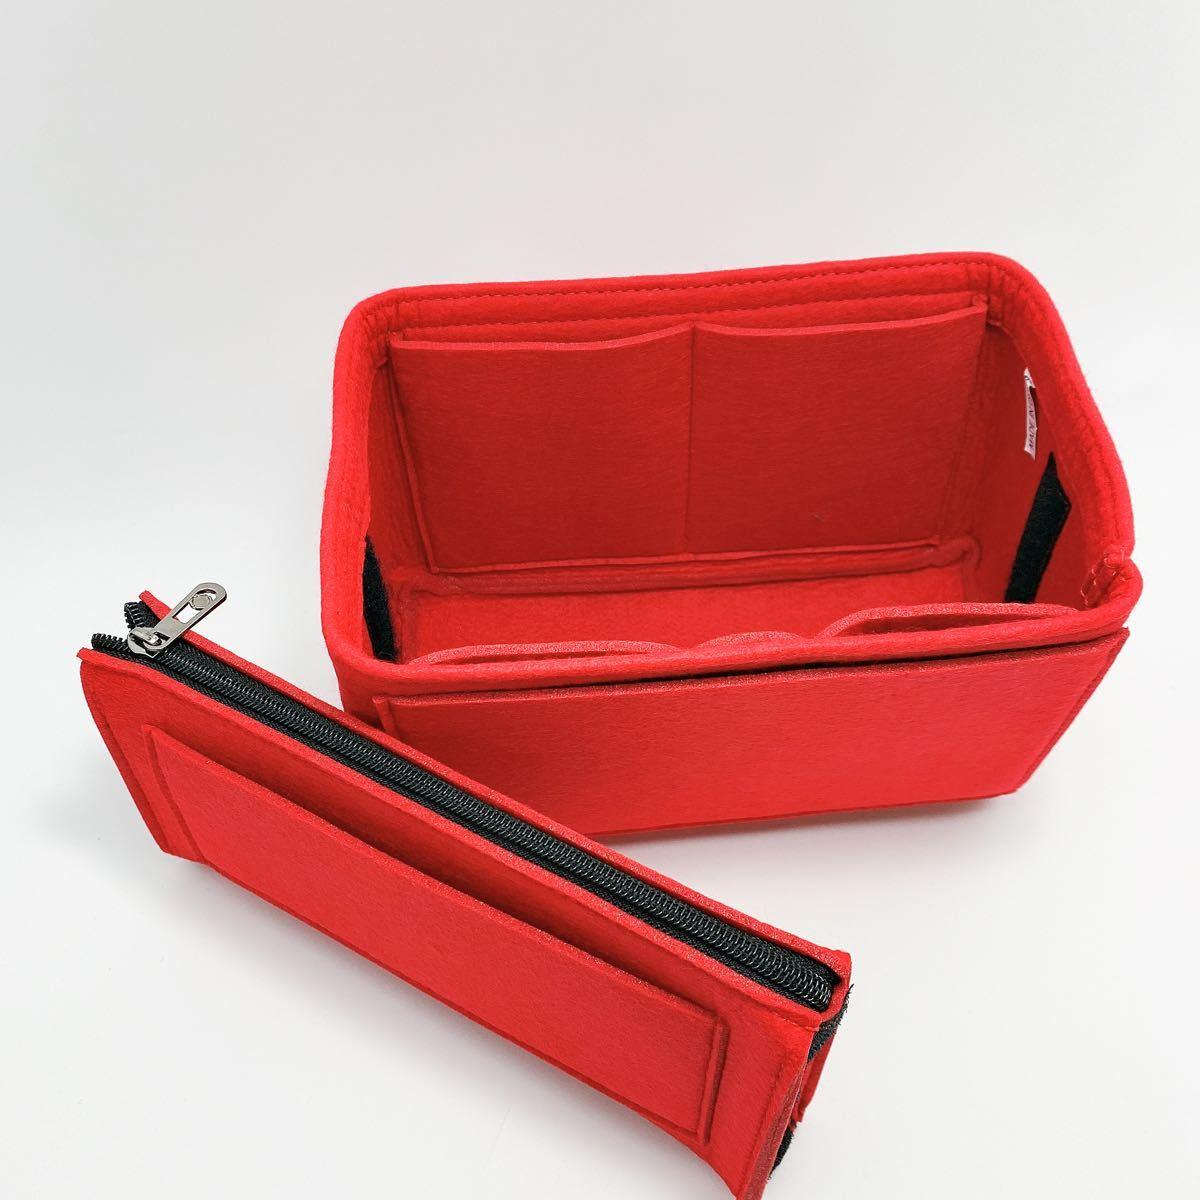 バッグインバッグ インナーバッグ 収納バッグ 化粧ポーチbag in bag